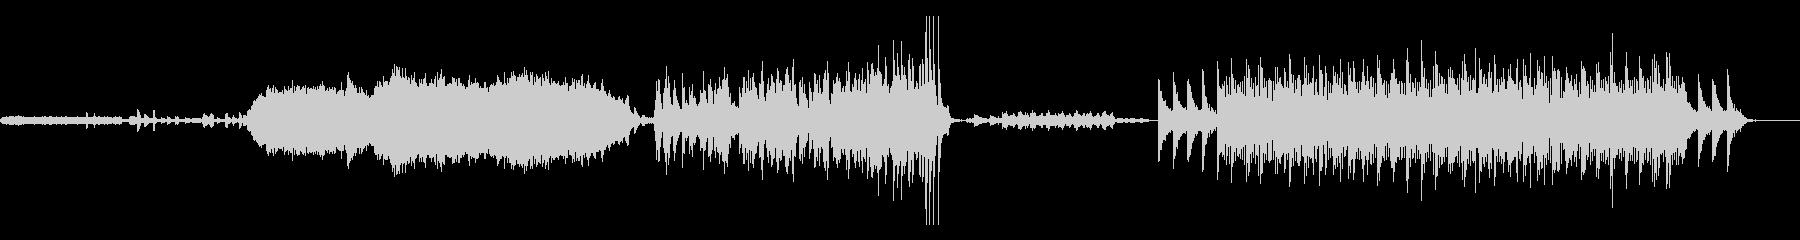 ピアノソロメインのアンビエント 映画等にの未再生の波形